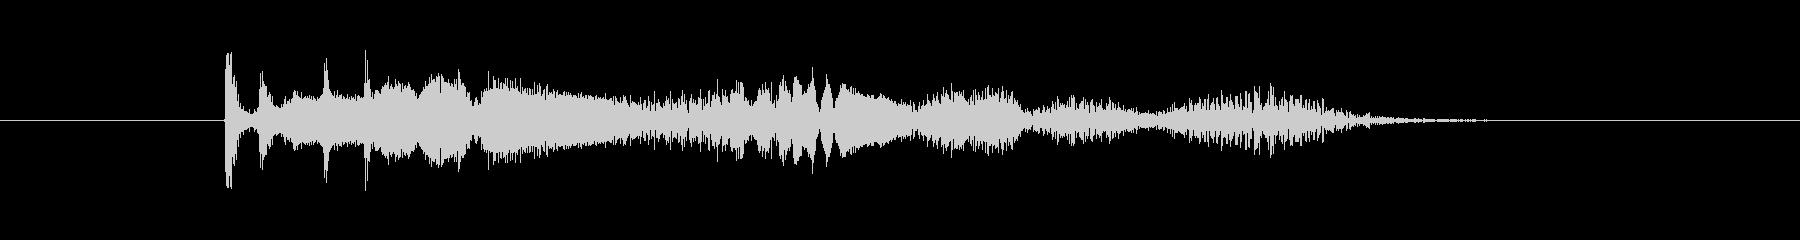 特撮 SFブリープ11の未再生の波形